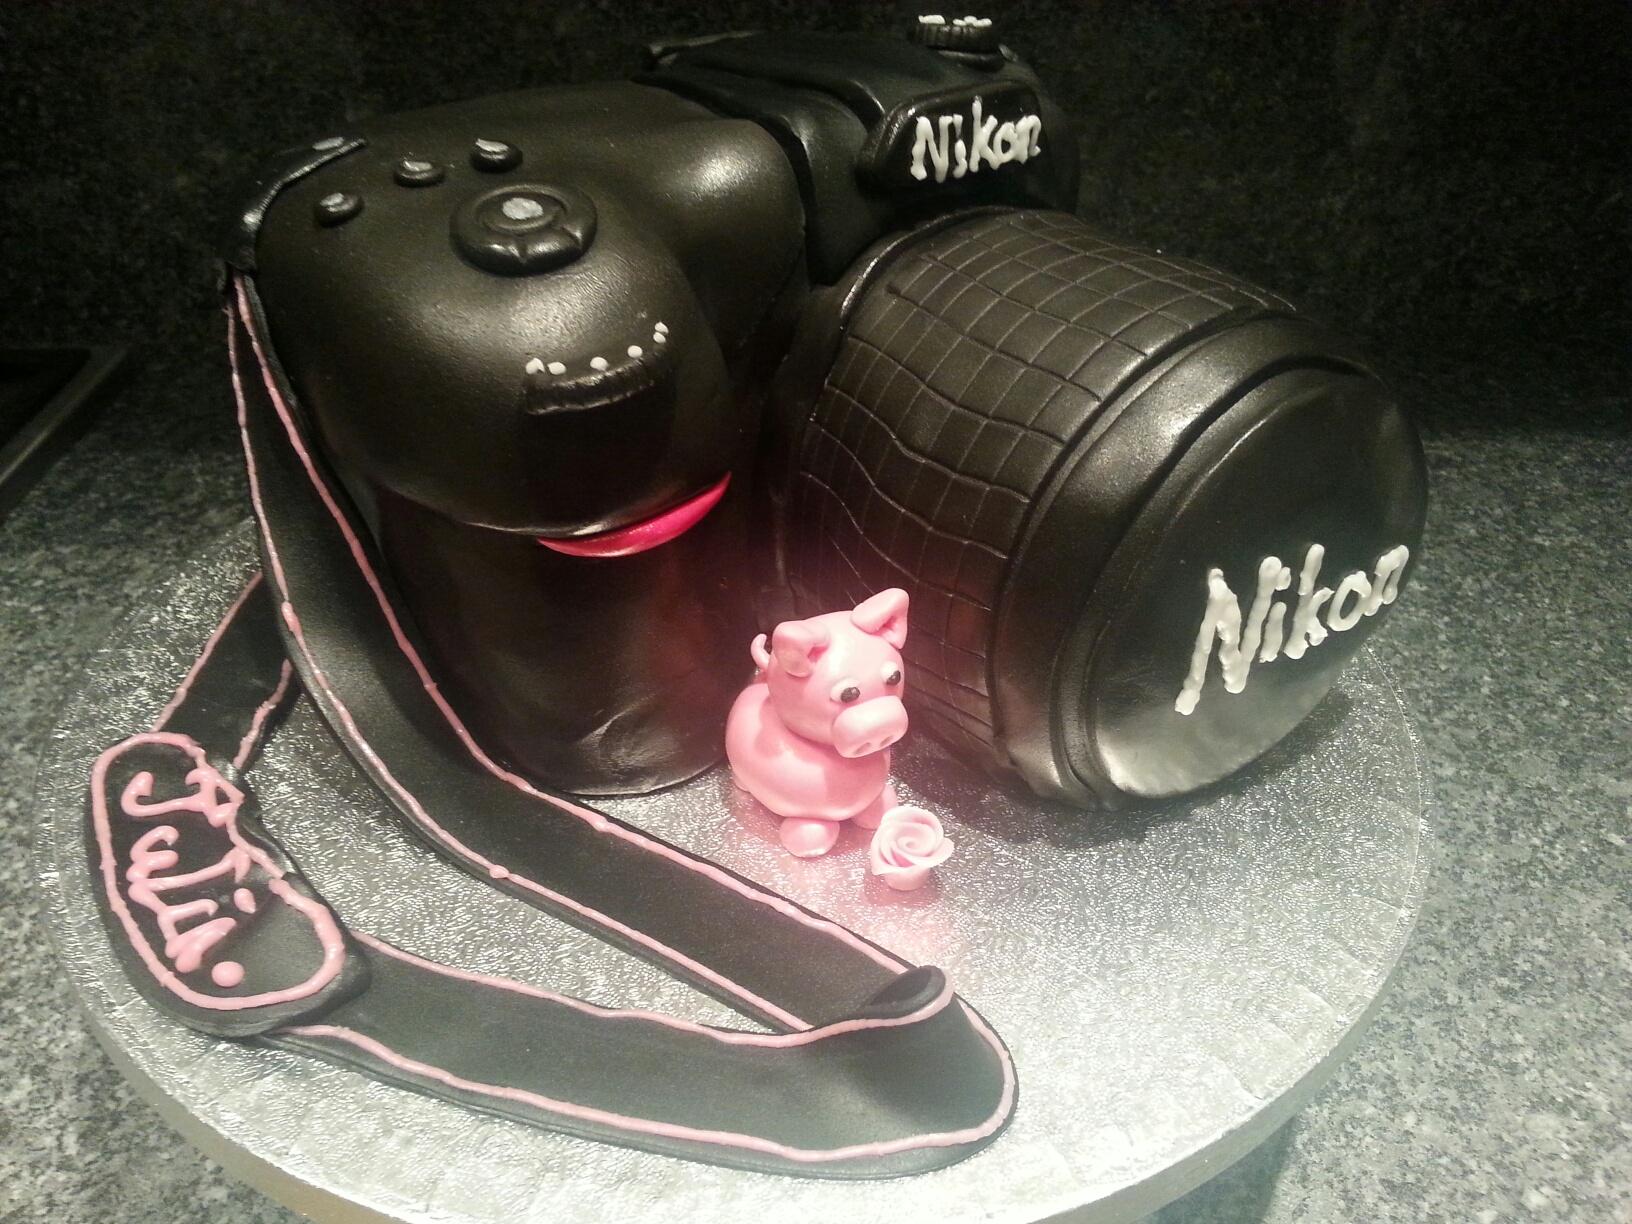 Camera and pig cake